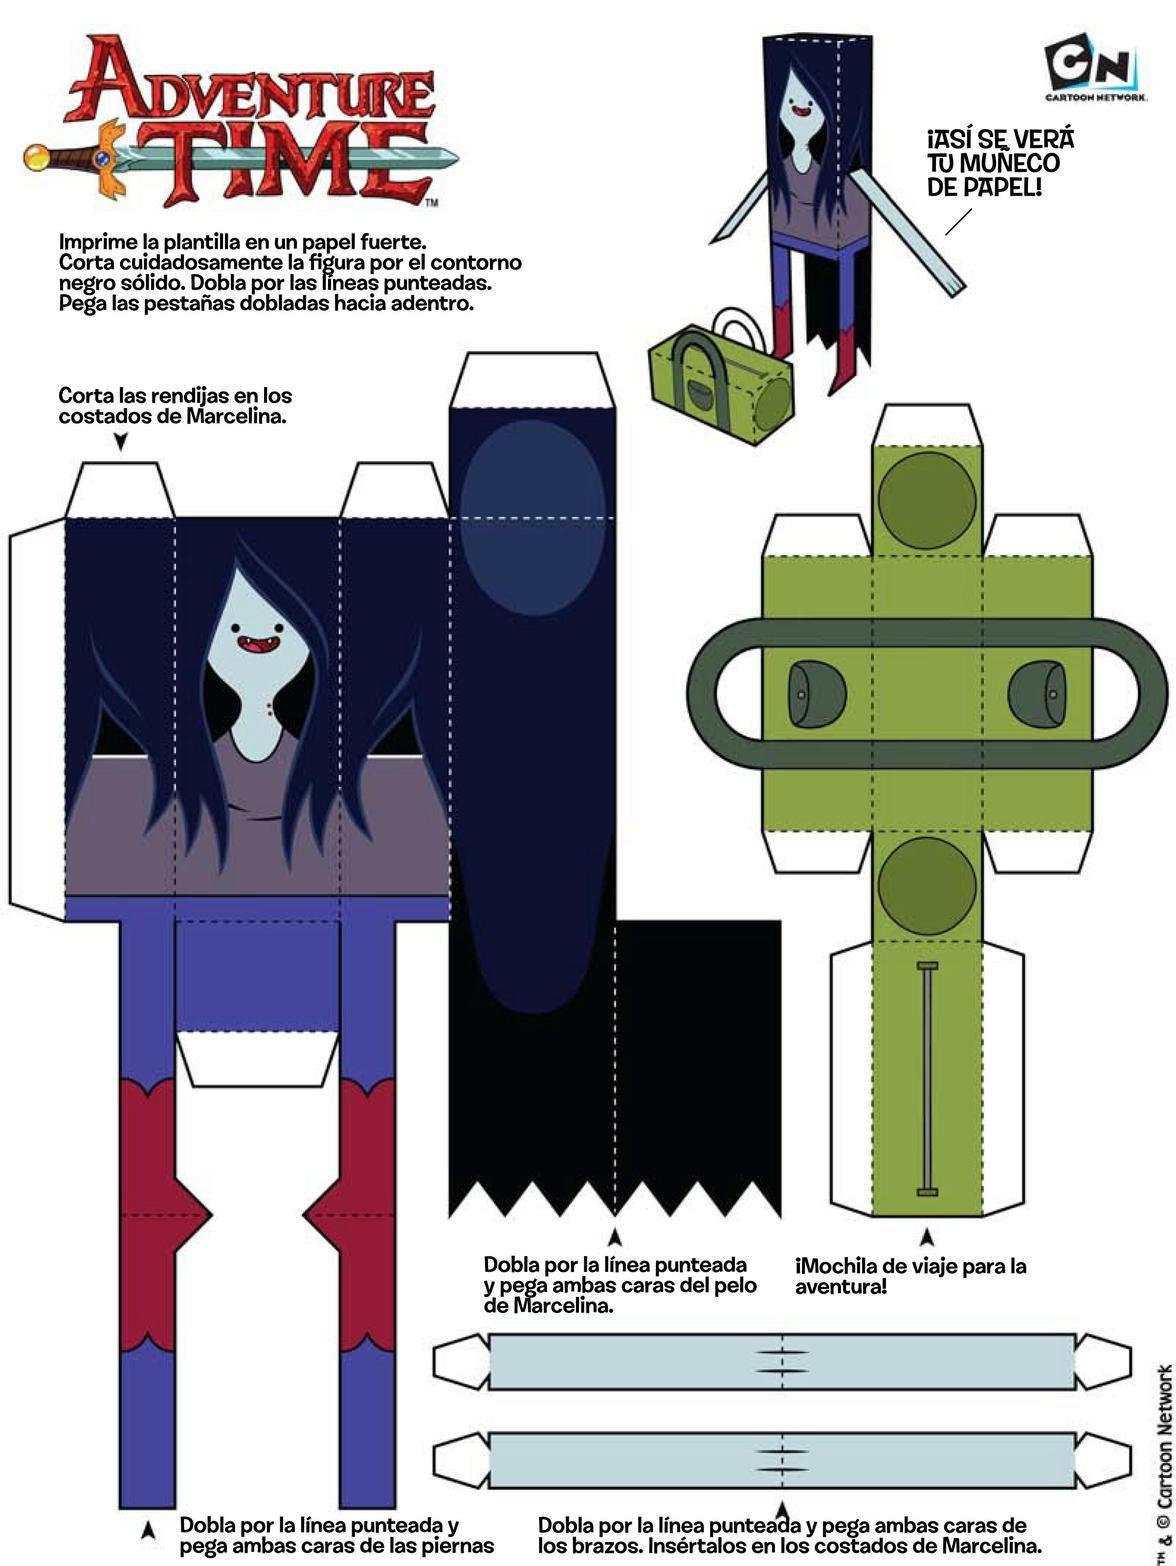 5 Papercraft hora de aventura! | Cubeecraft & Papercraft | Pinterest ...